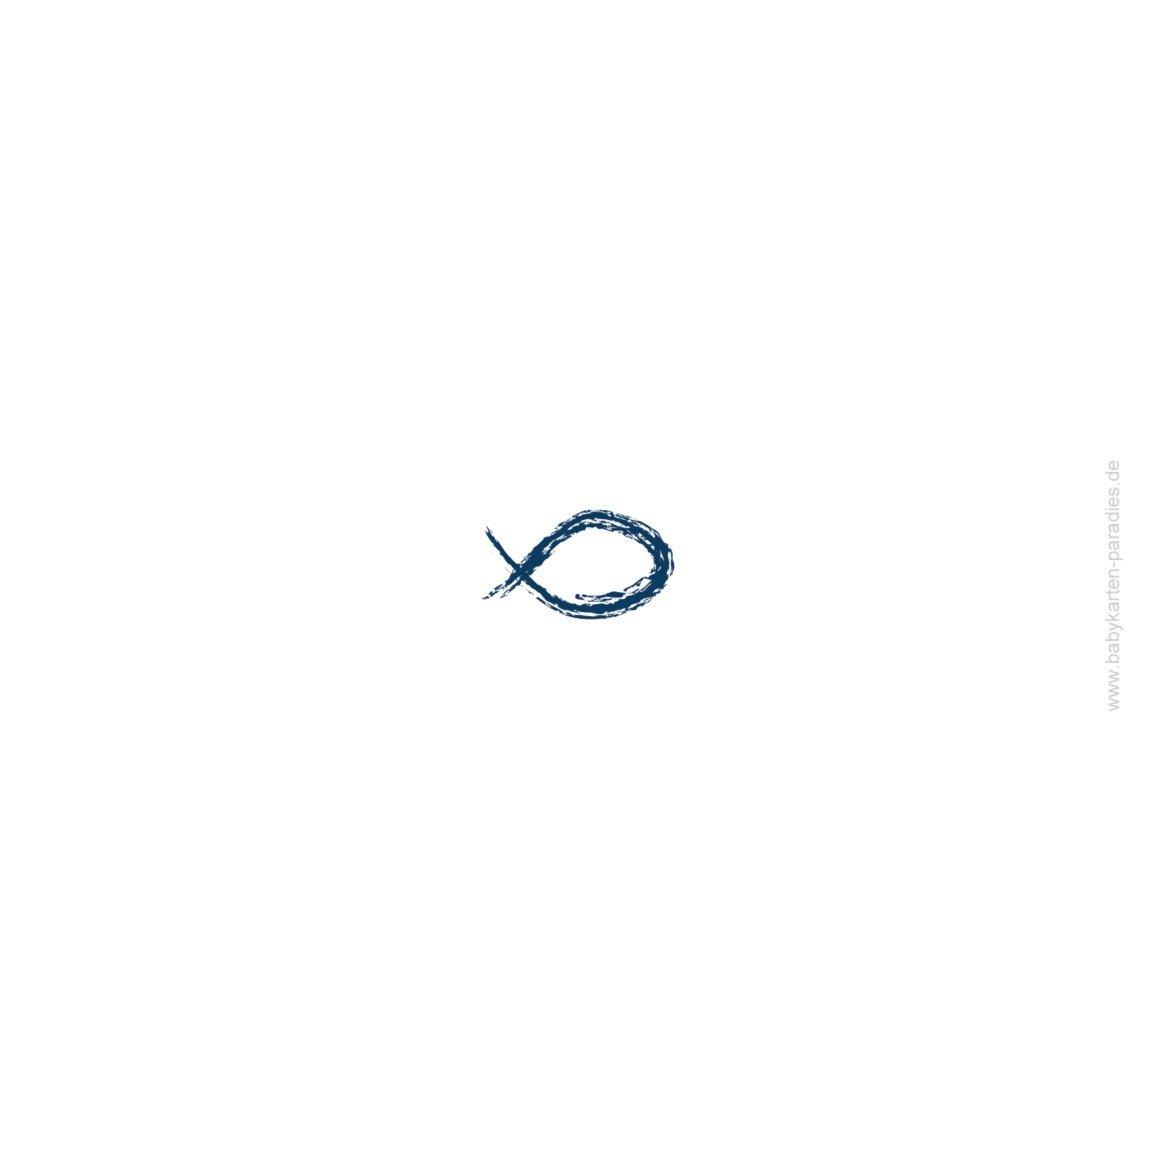 Kartenparadies Dankeskarte Kommunionswünsche Kommunion Dankeskarte Fische, hochwertige hochwertige hochwertige Danksagung für Kommunionsfeier inklusive Umschläge   20 Karten - (Format  145x145 mm) Farbe  Liladunkel B01N9XL1IY | Online-verkauf  | Kostengünstig  | dd45b8